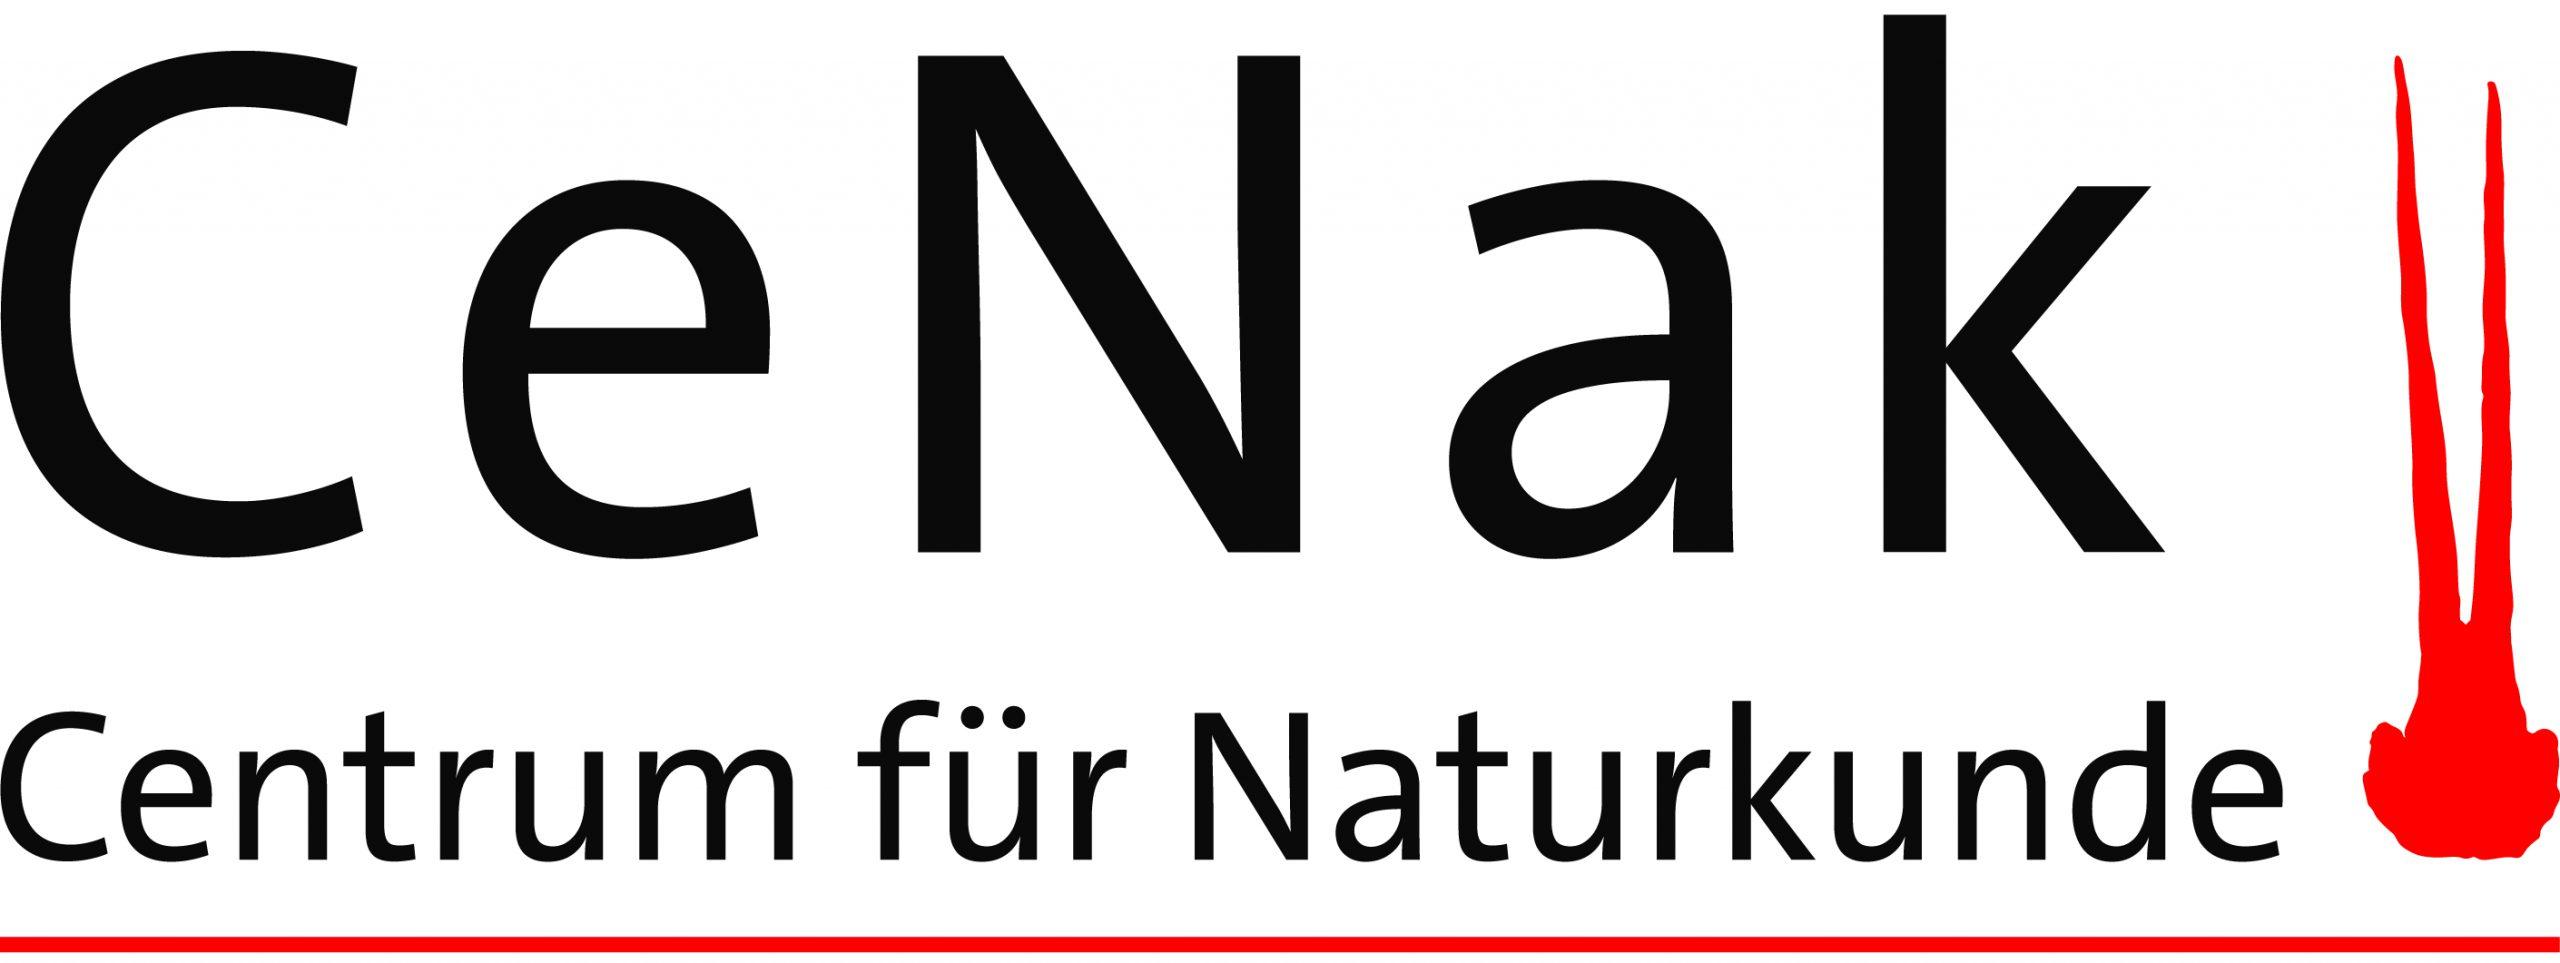 Logo CeNak